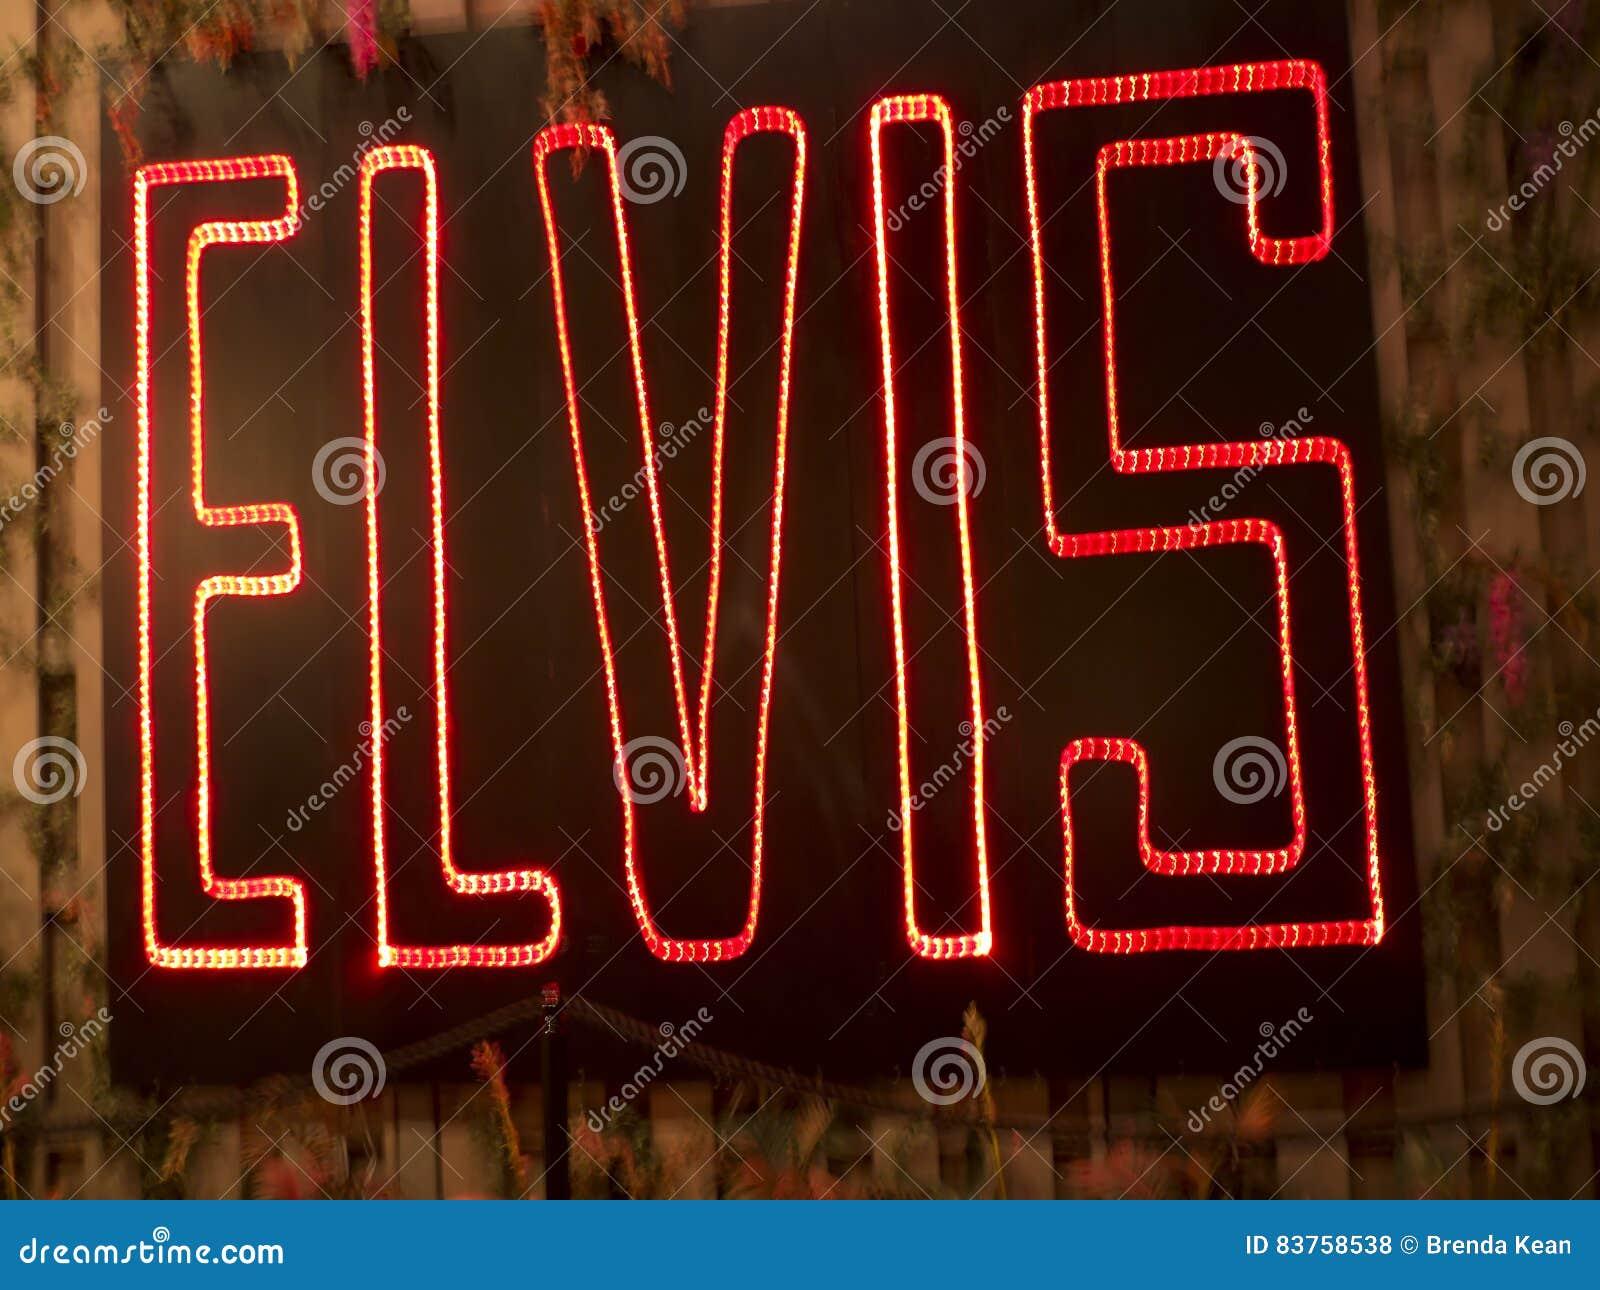 Graceland é a casa do cantor Elvis Presley no estilo de uma mansão antebellum e de um ímã para fan de música